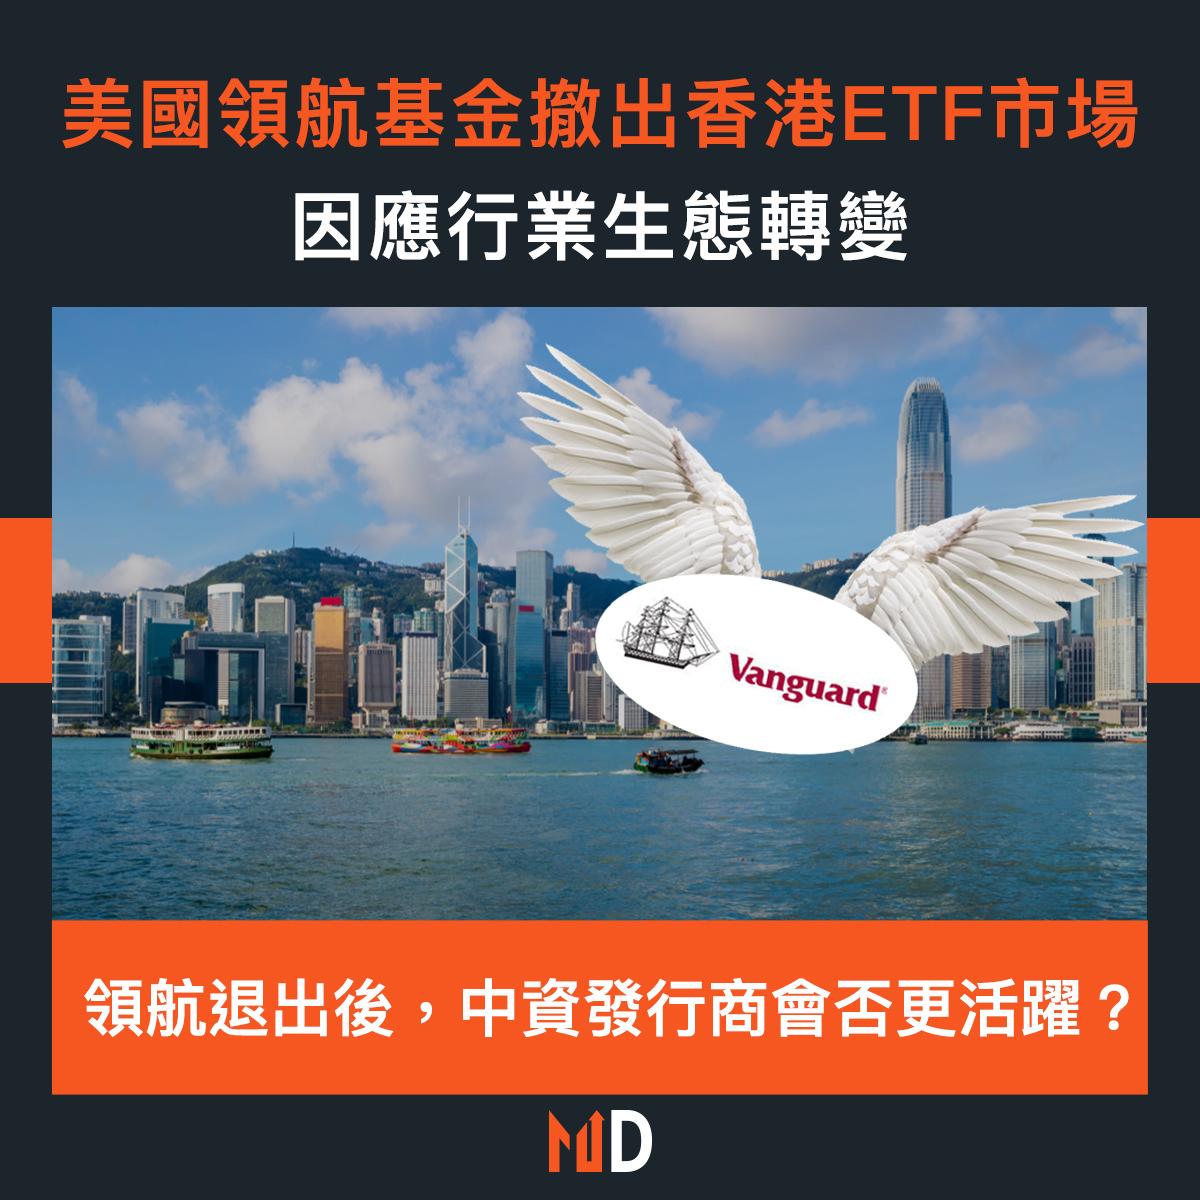 【市場熱話】美國領航基金撤出香港ETF市場,因應行業生態轉變